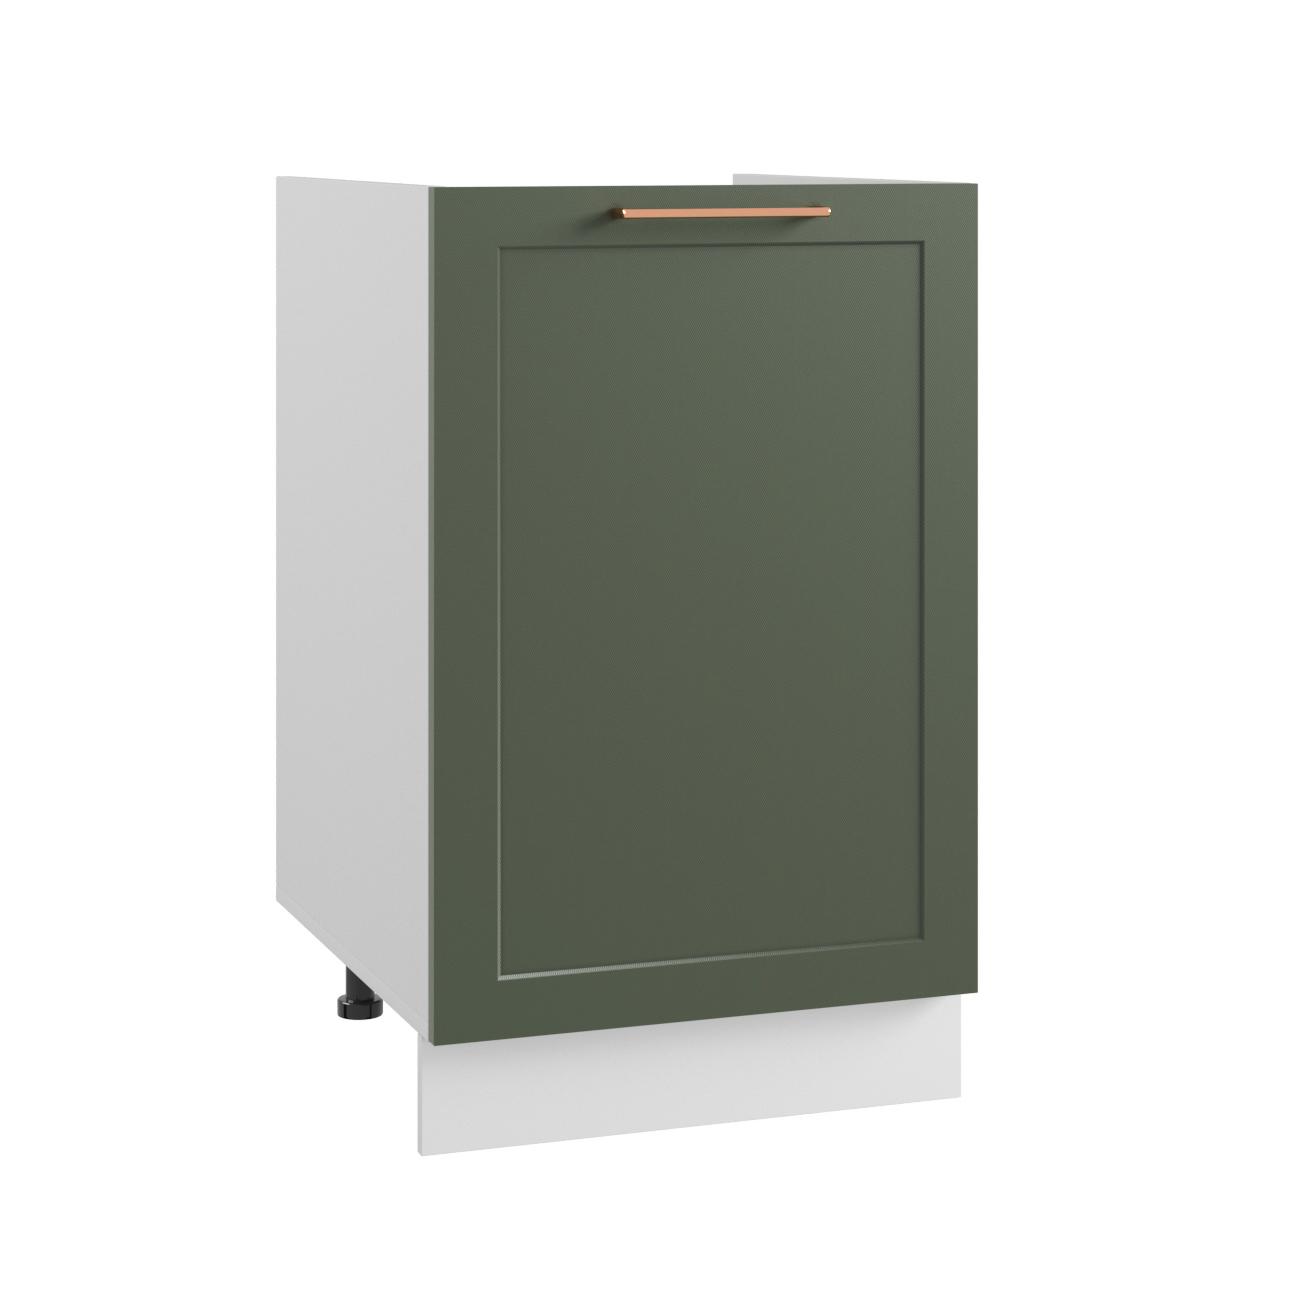 Кухня Квадро СМ 500 Шкаф нижний под мойку